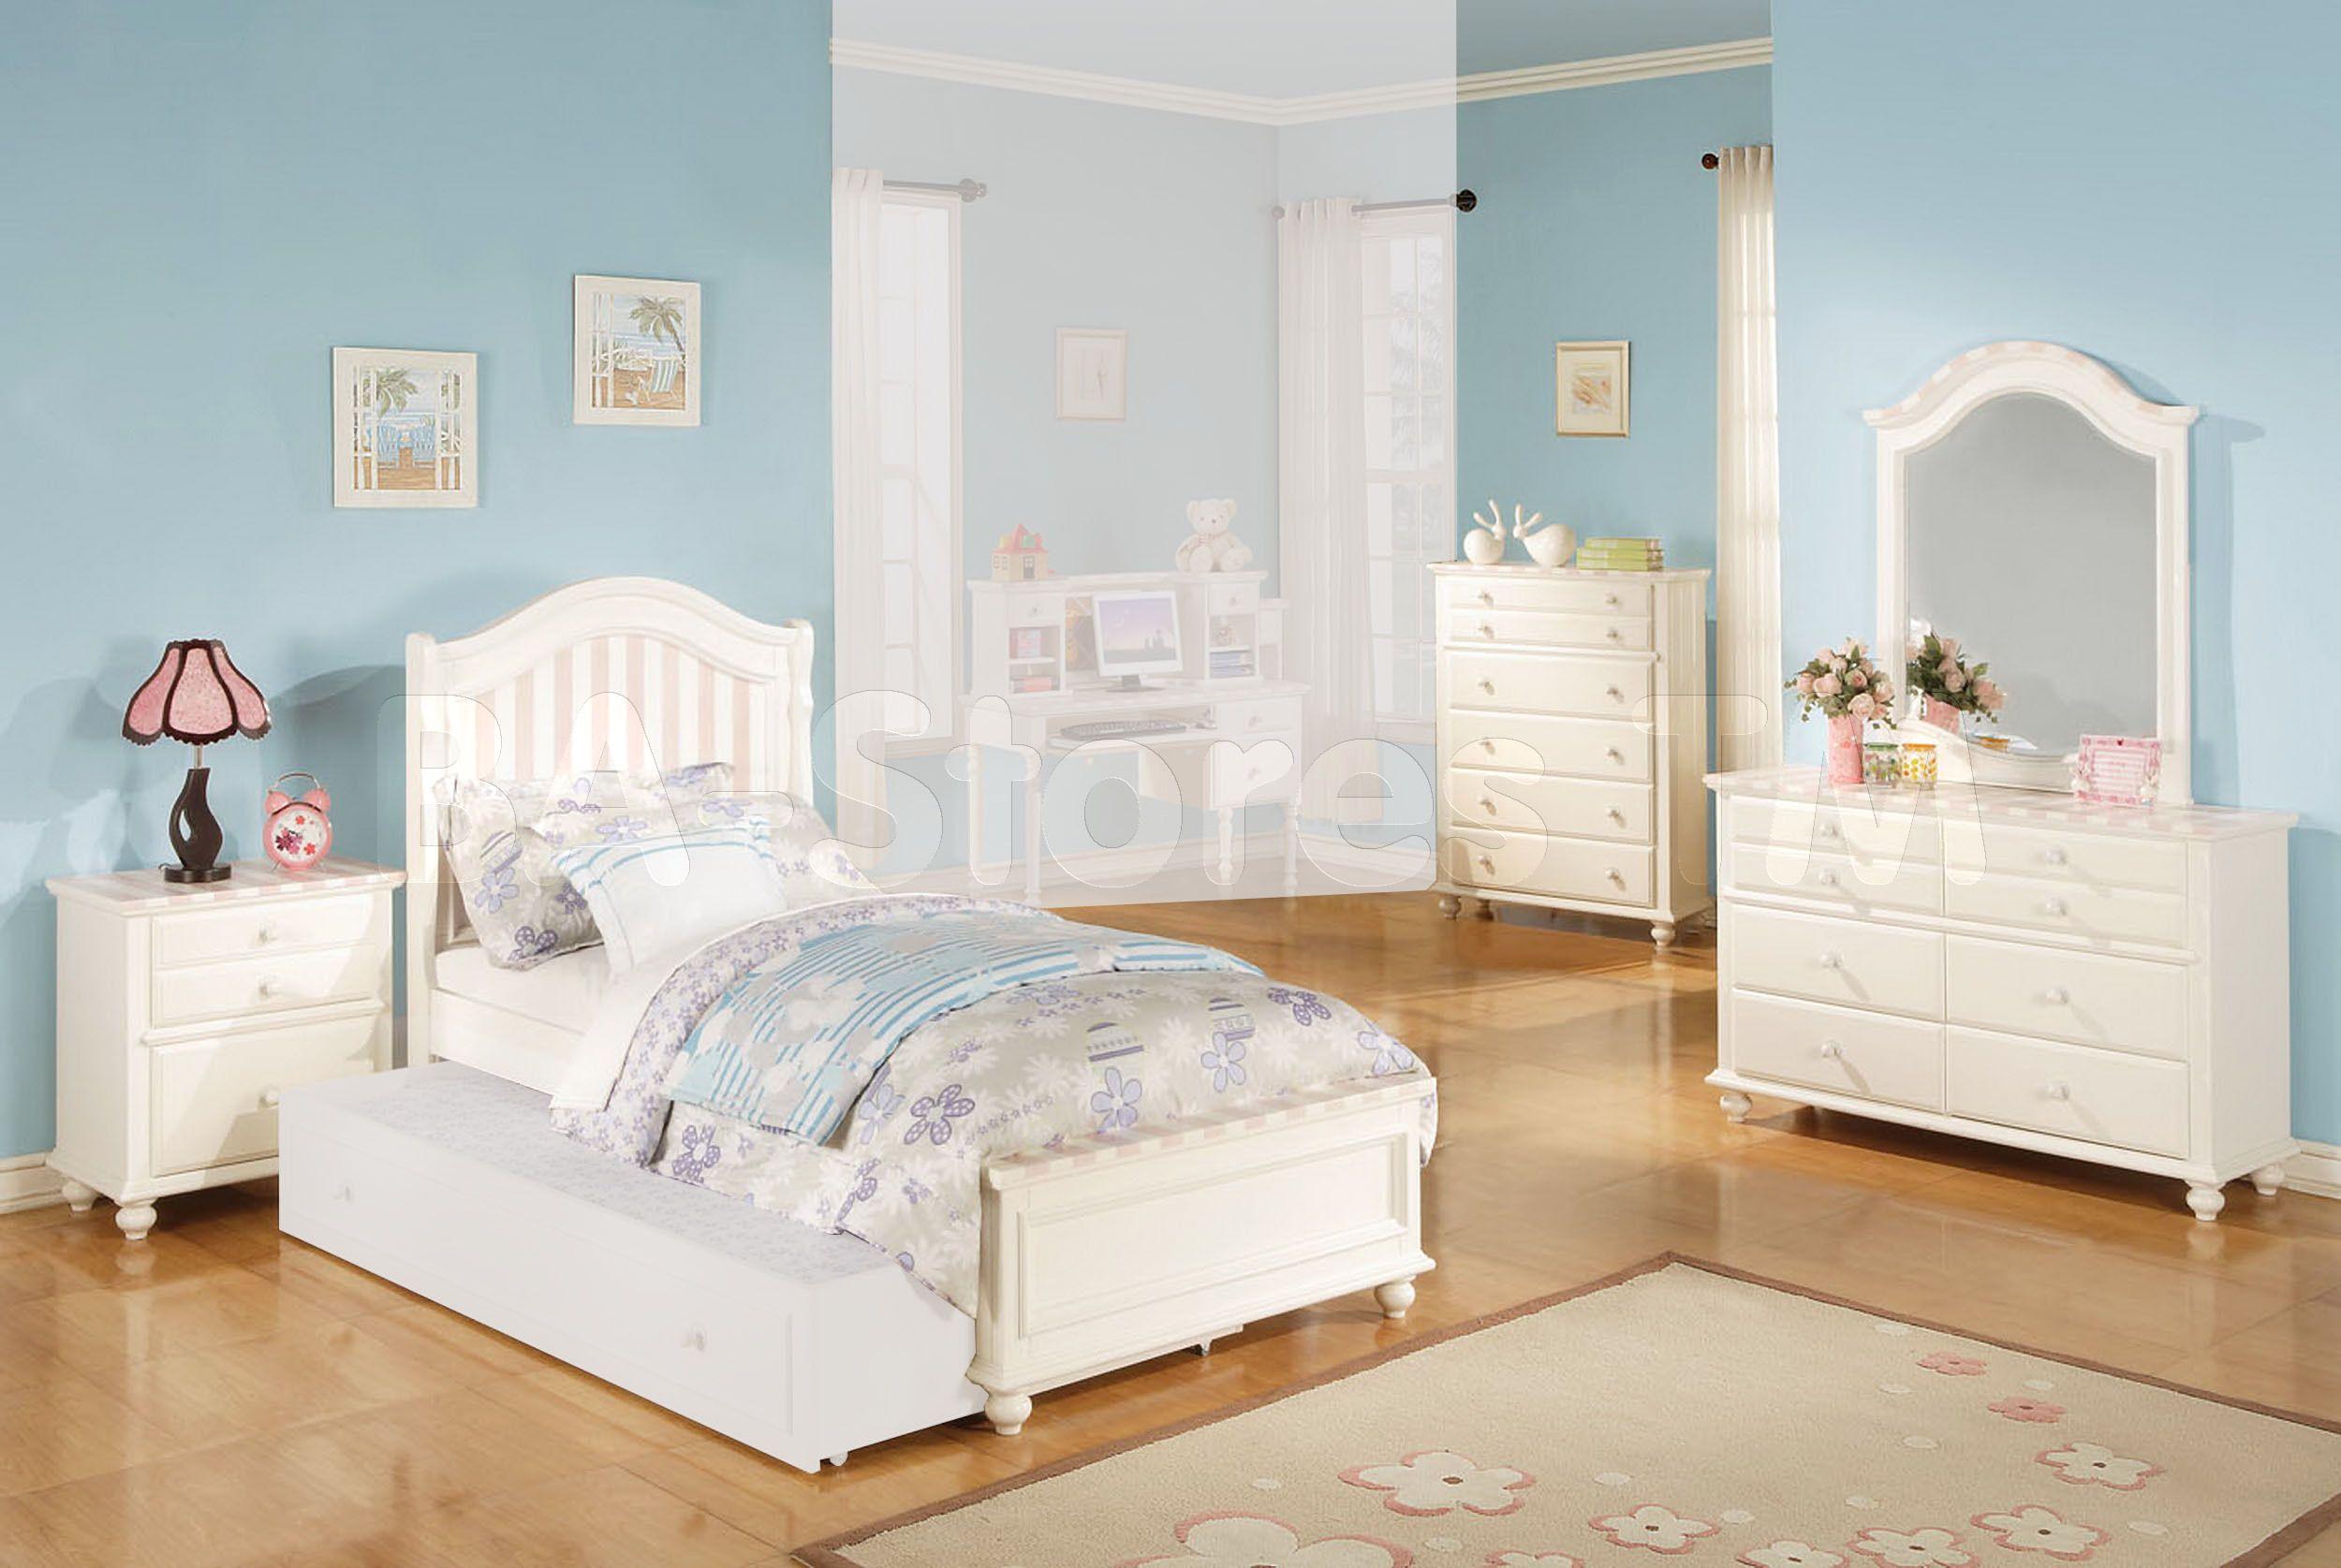 Beste Weiße Schlafzimmer Möbel für Kinder Ideen ...